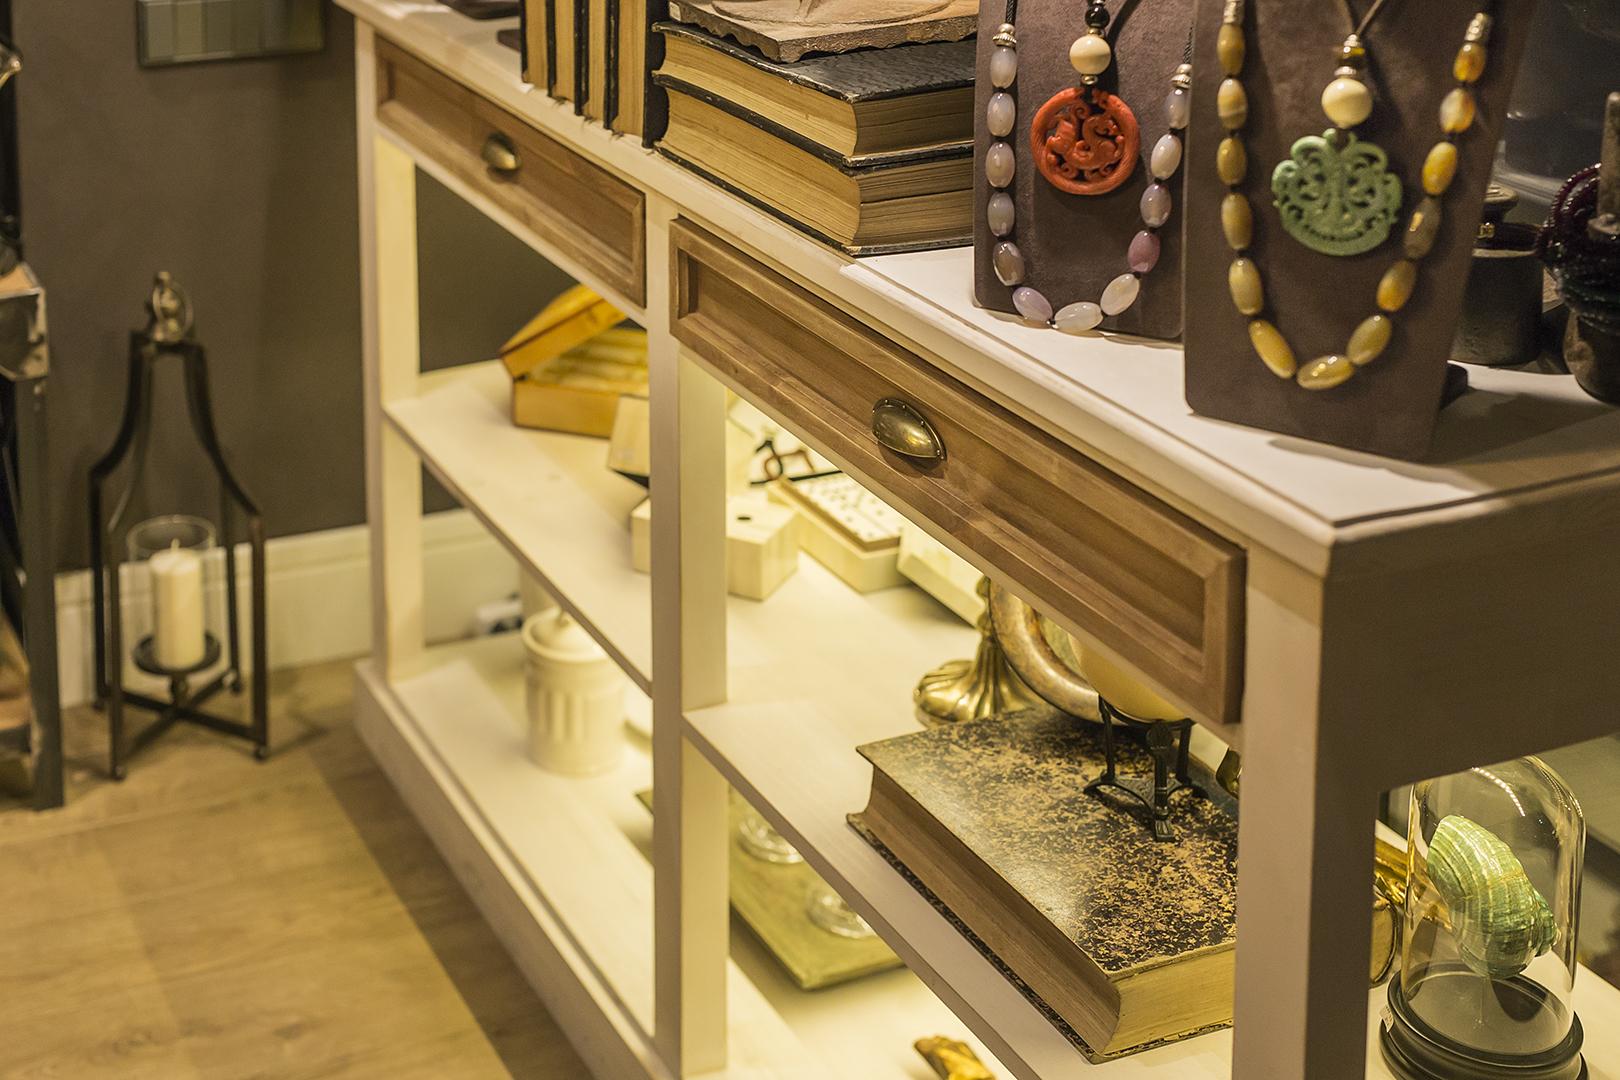 Marengo barcelona muebles vintage y decoraci n del hogar - La antigua viruta ...